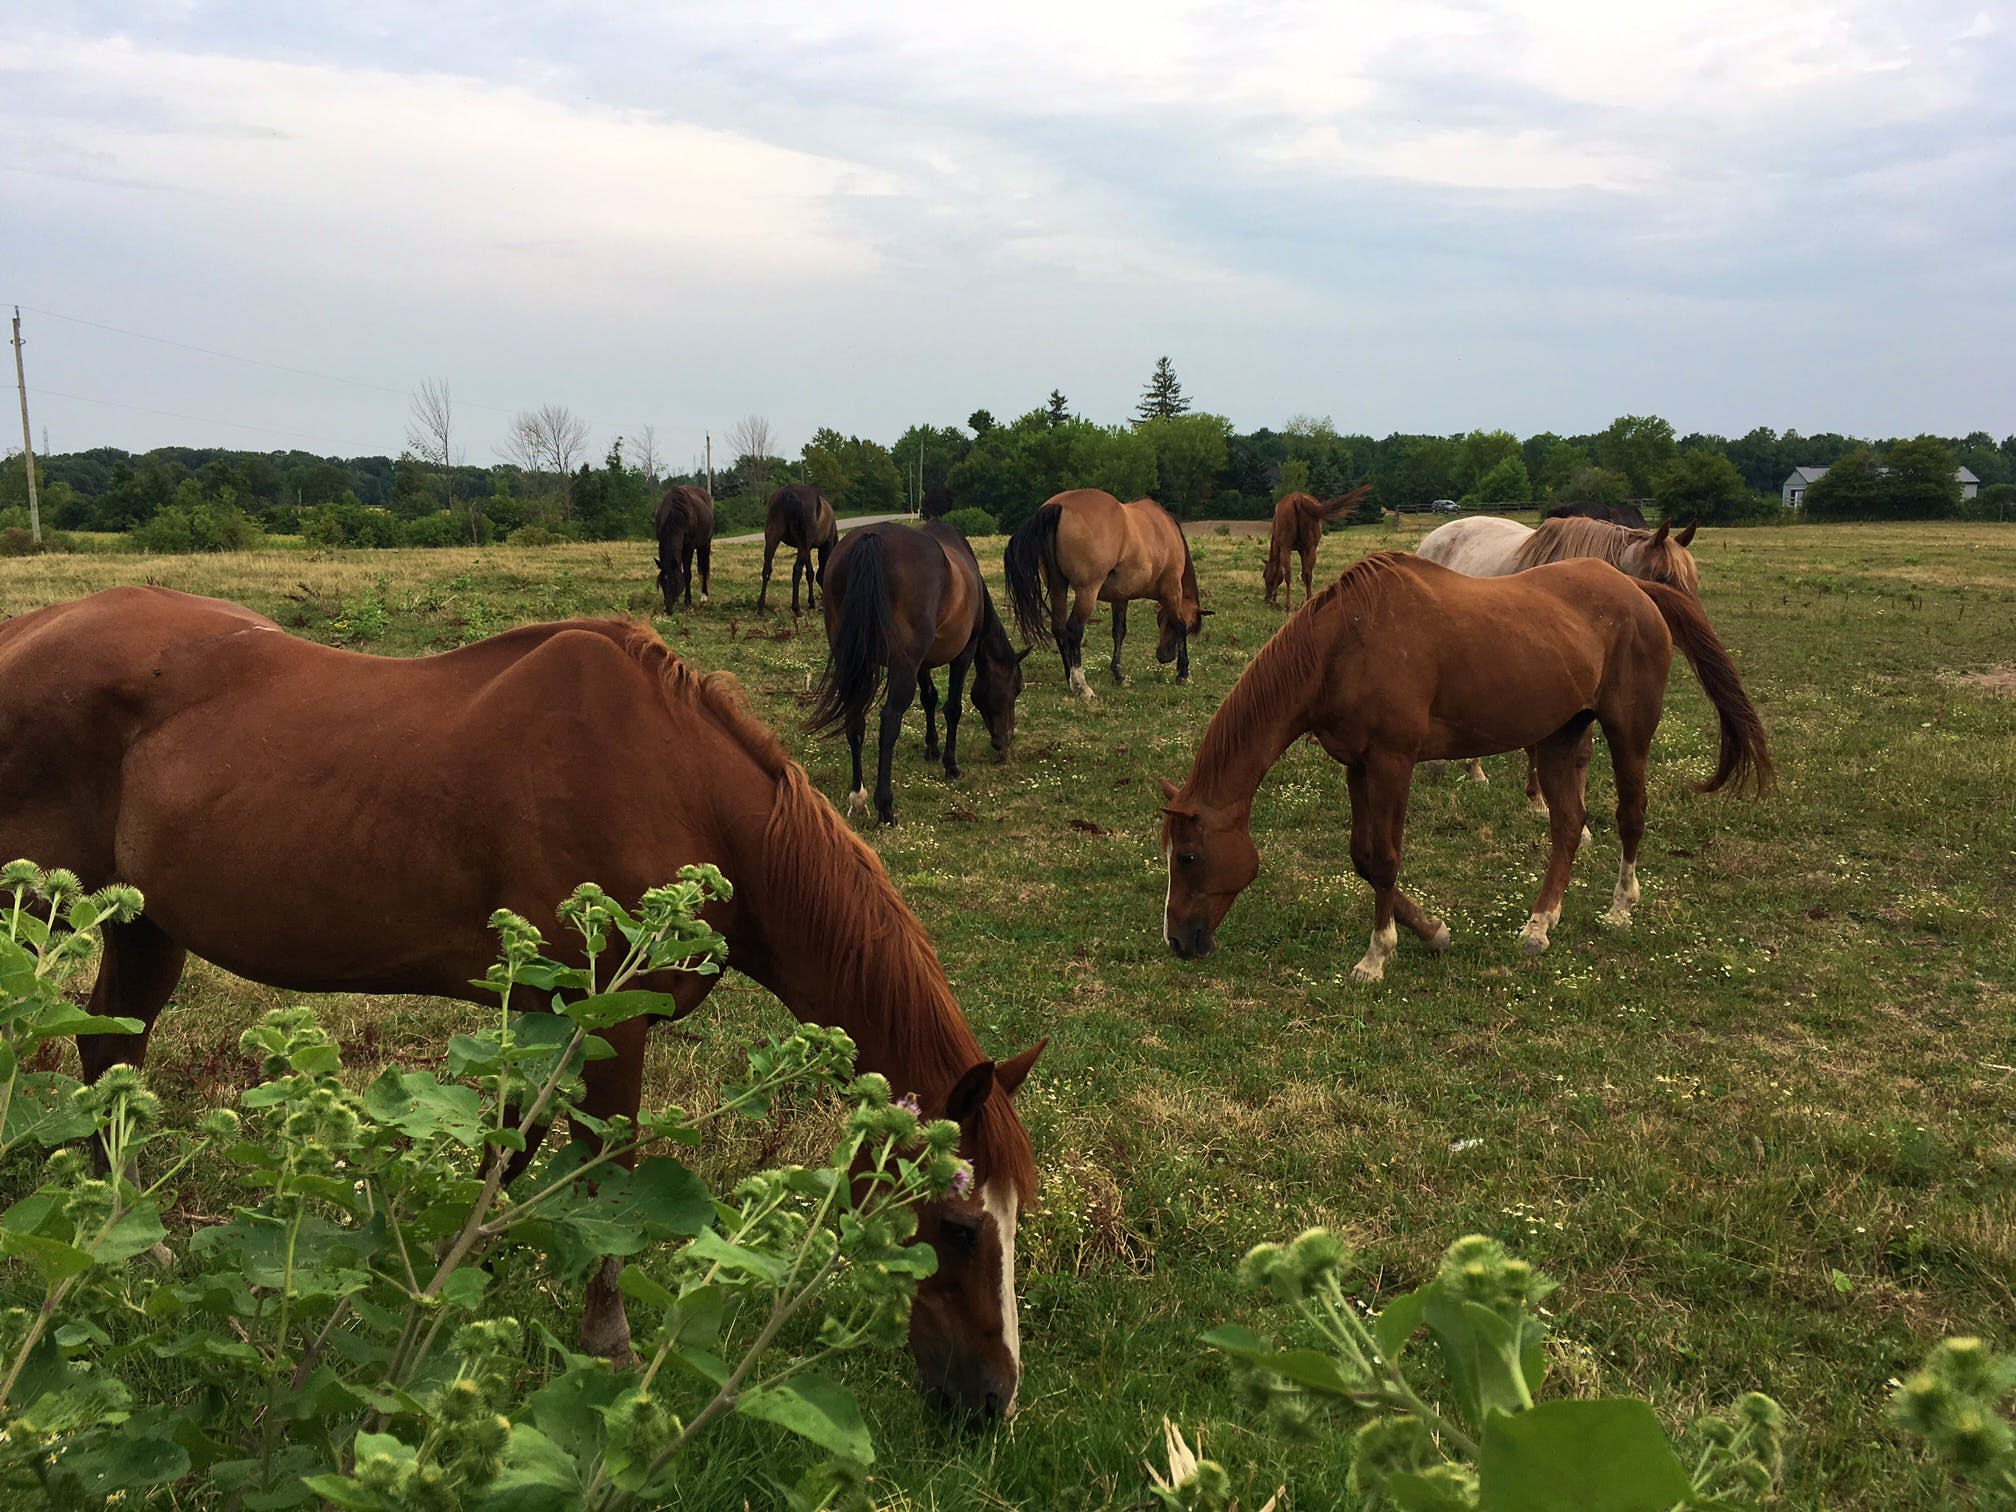 Horse Caretaker & Food Bank Assistant